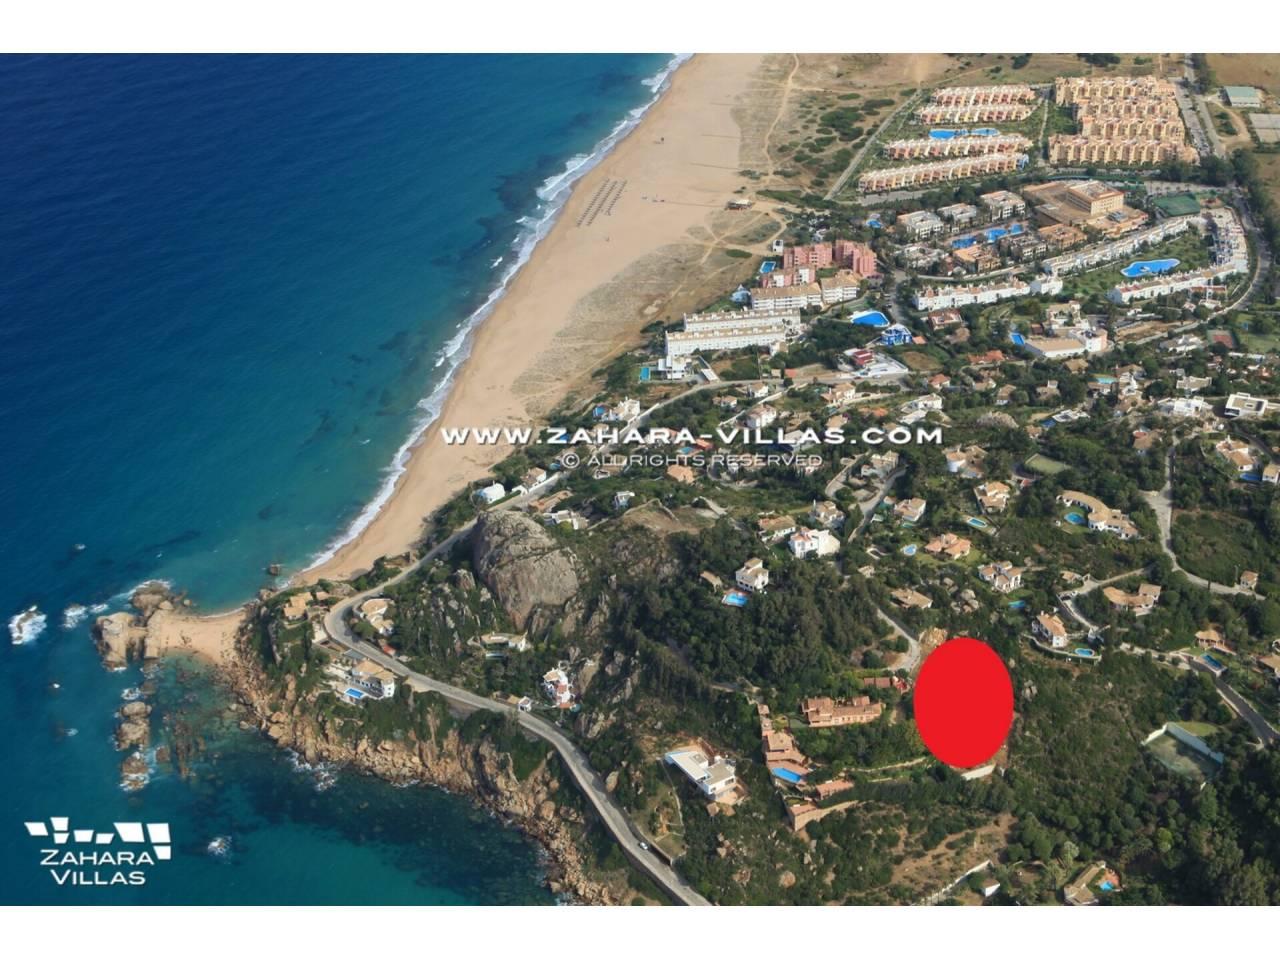 Imagen 3 de Parcela Urbana en venta en Atlanterra, con vistas a la Cala de los Alemanes